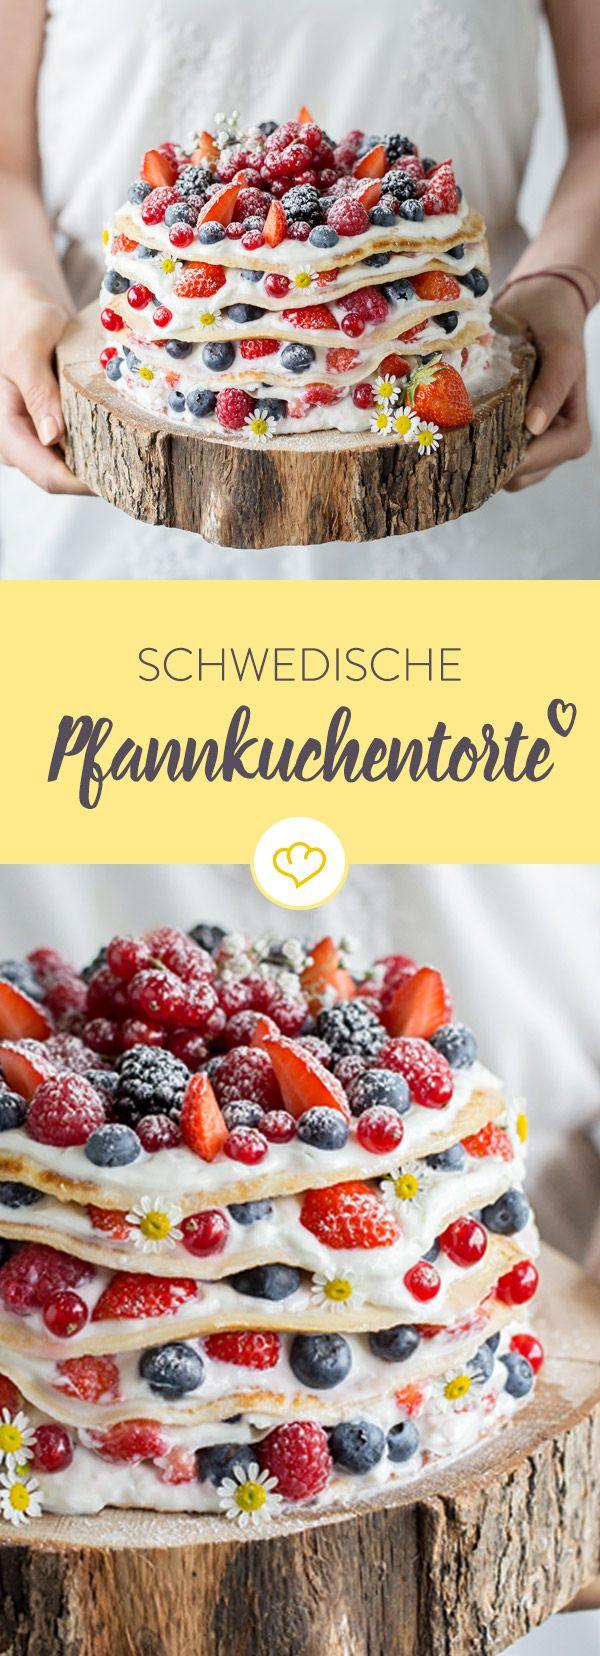 Photo of Swedish pancake cake with berries